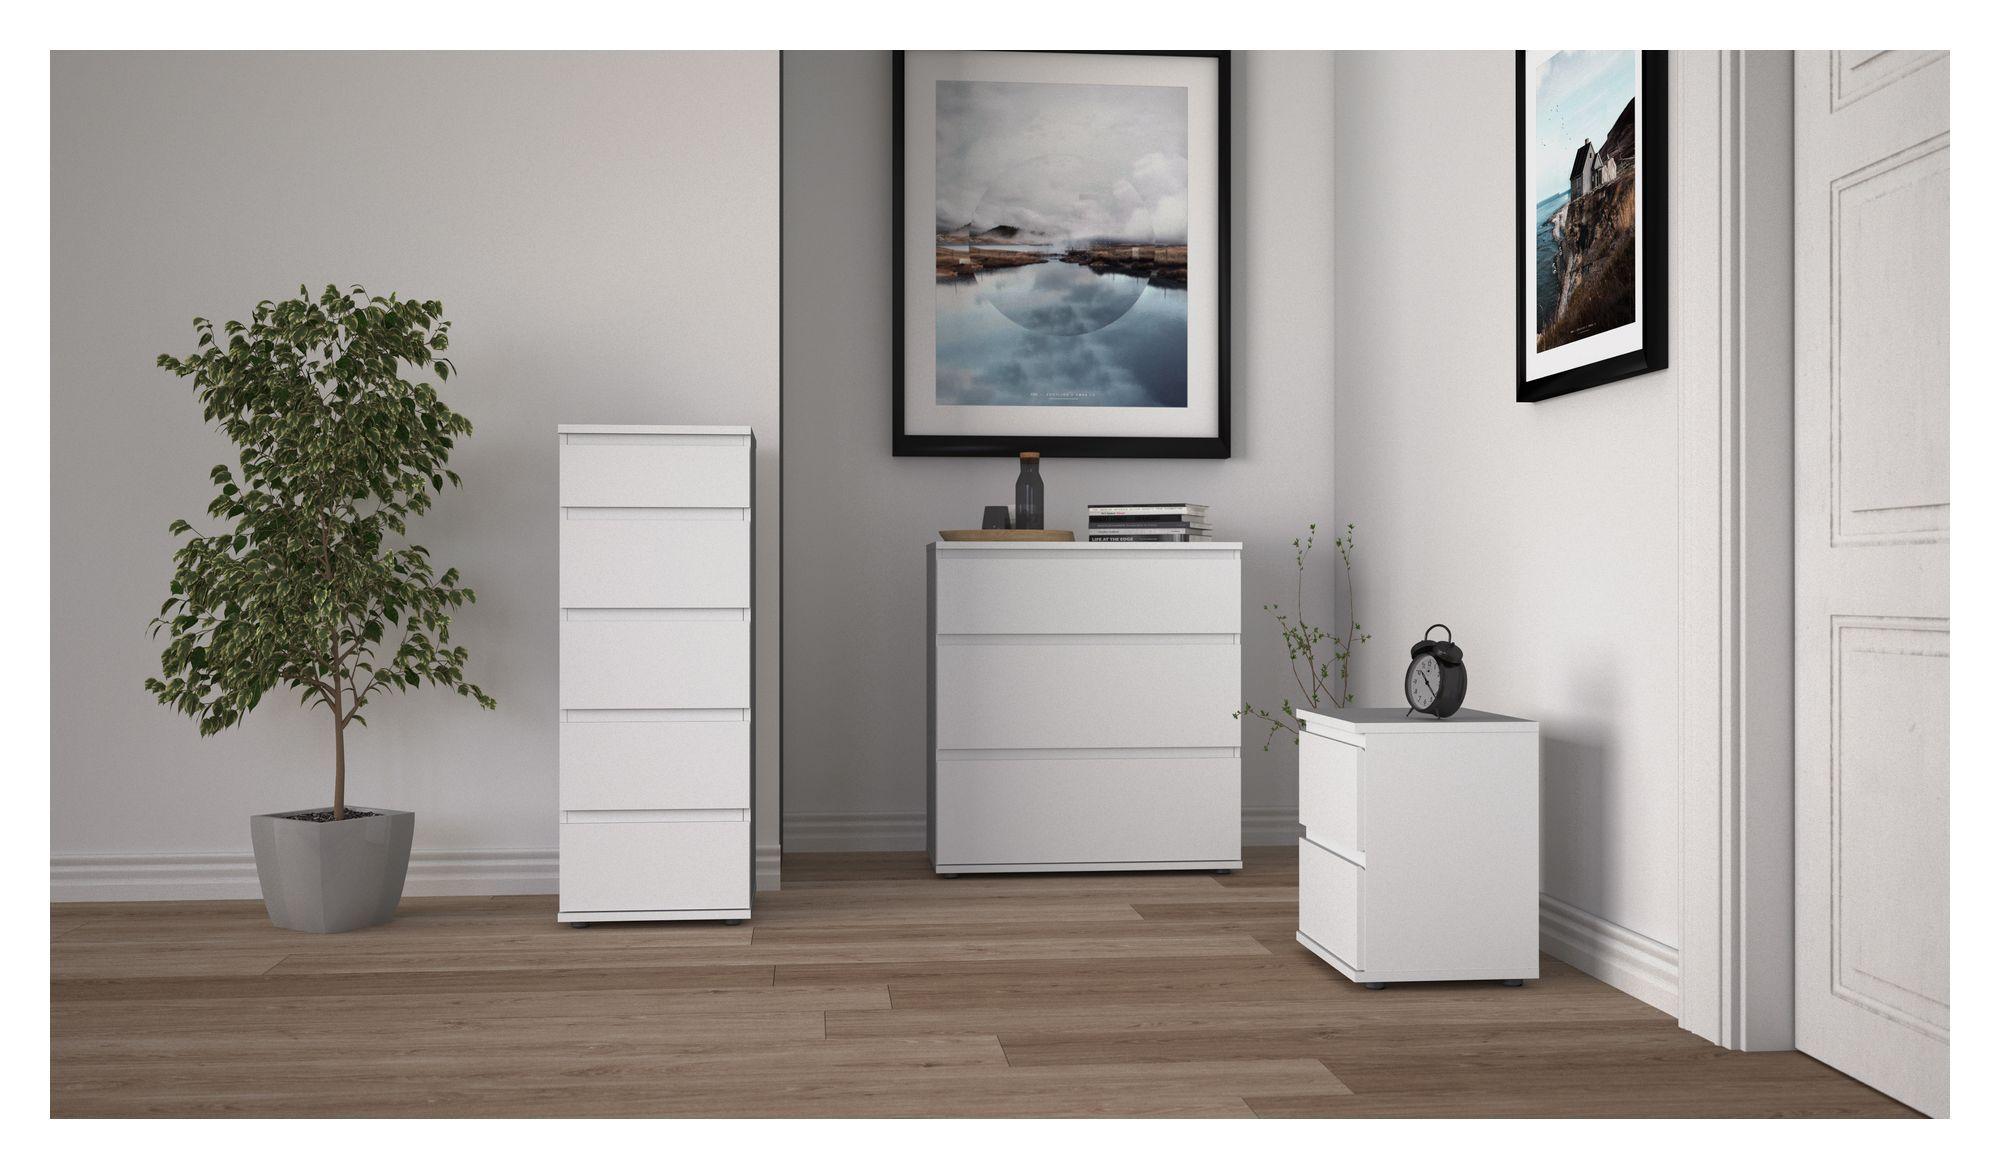 Nova Kommode - Hvid m/3 skuffer - Hvid kommode m. 3 skuffer